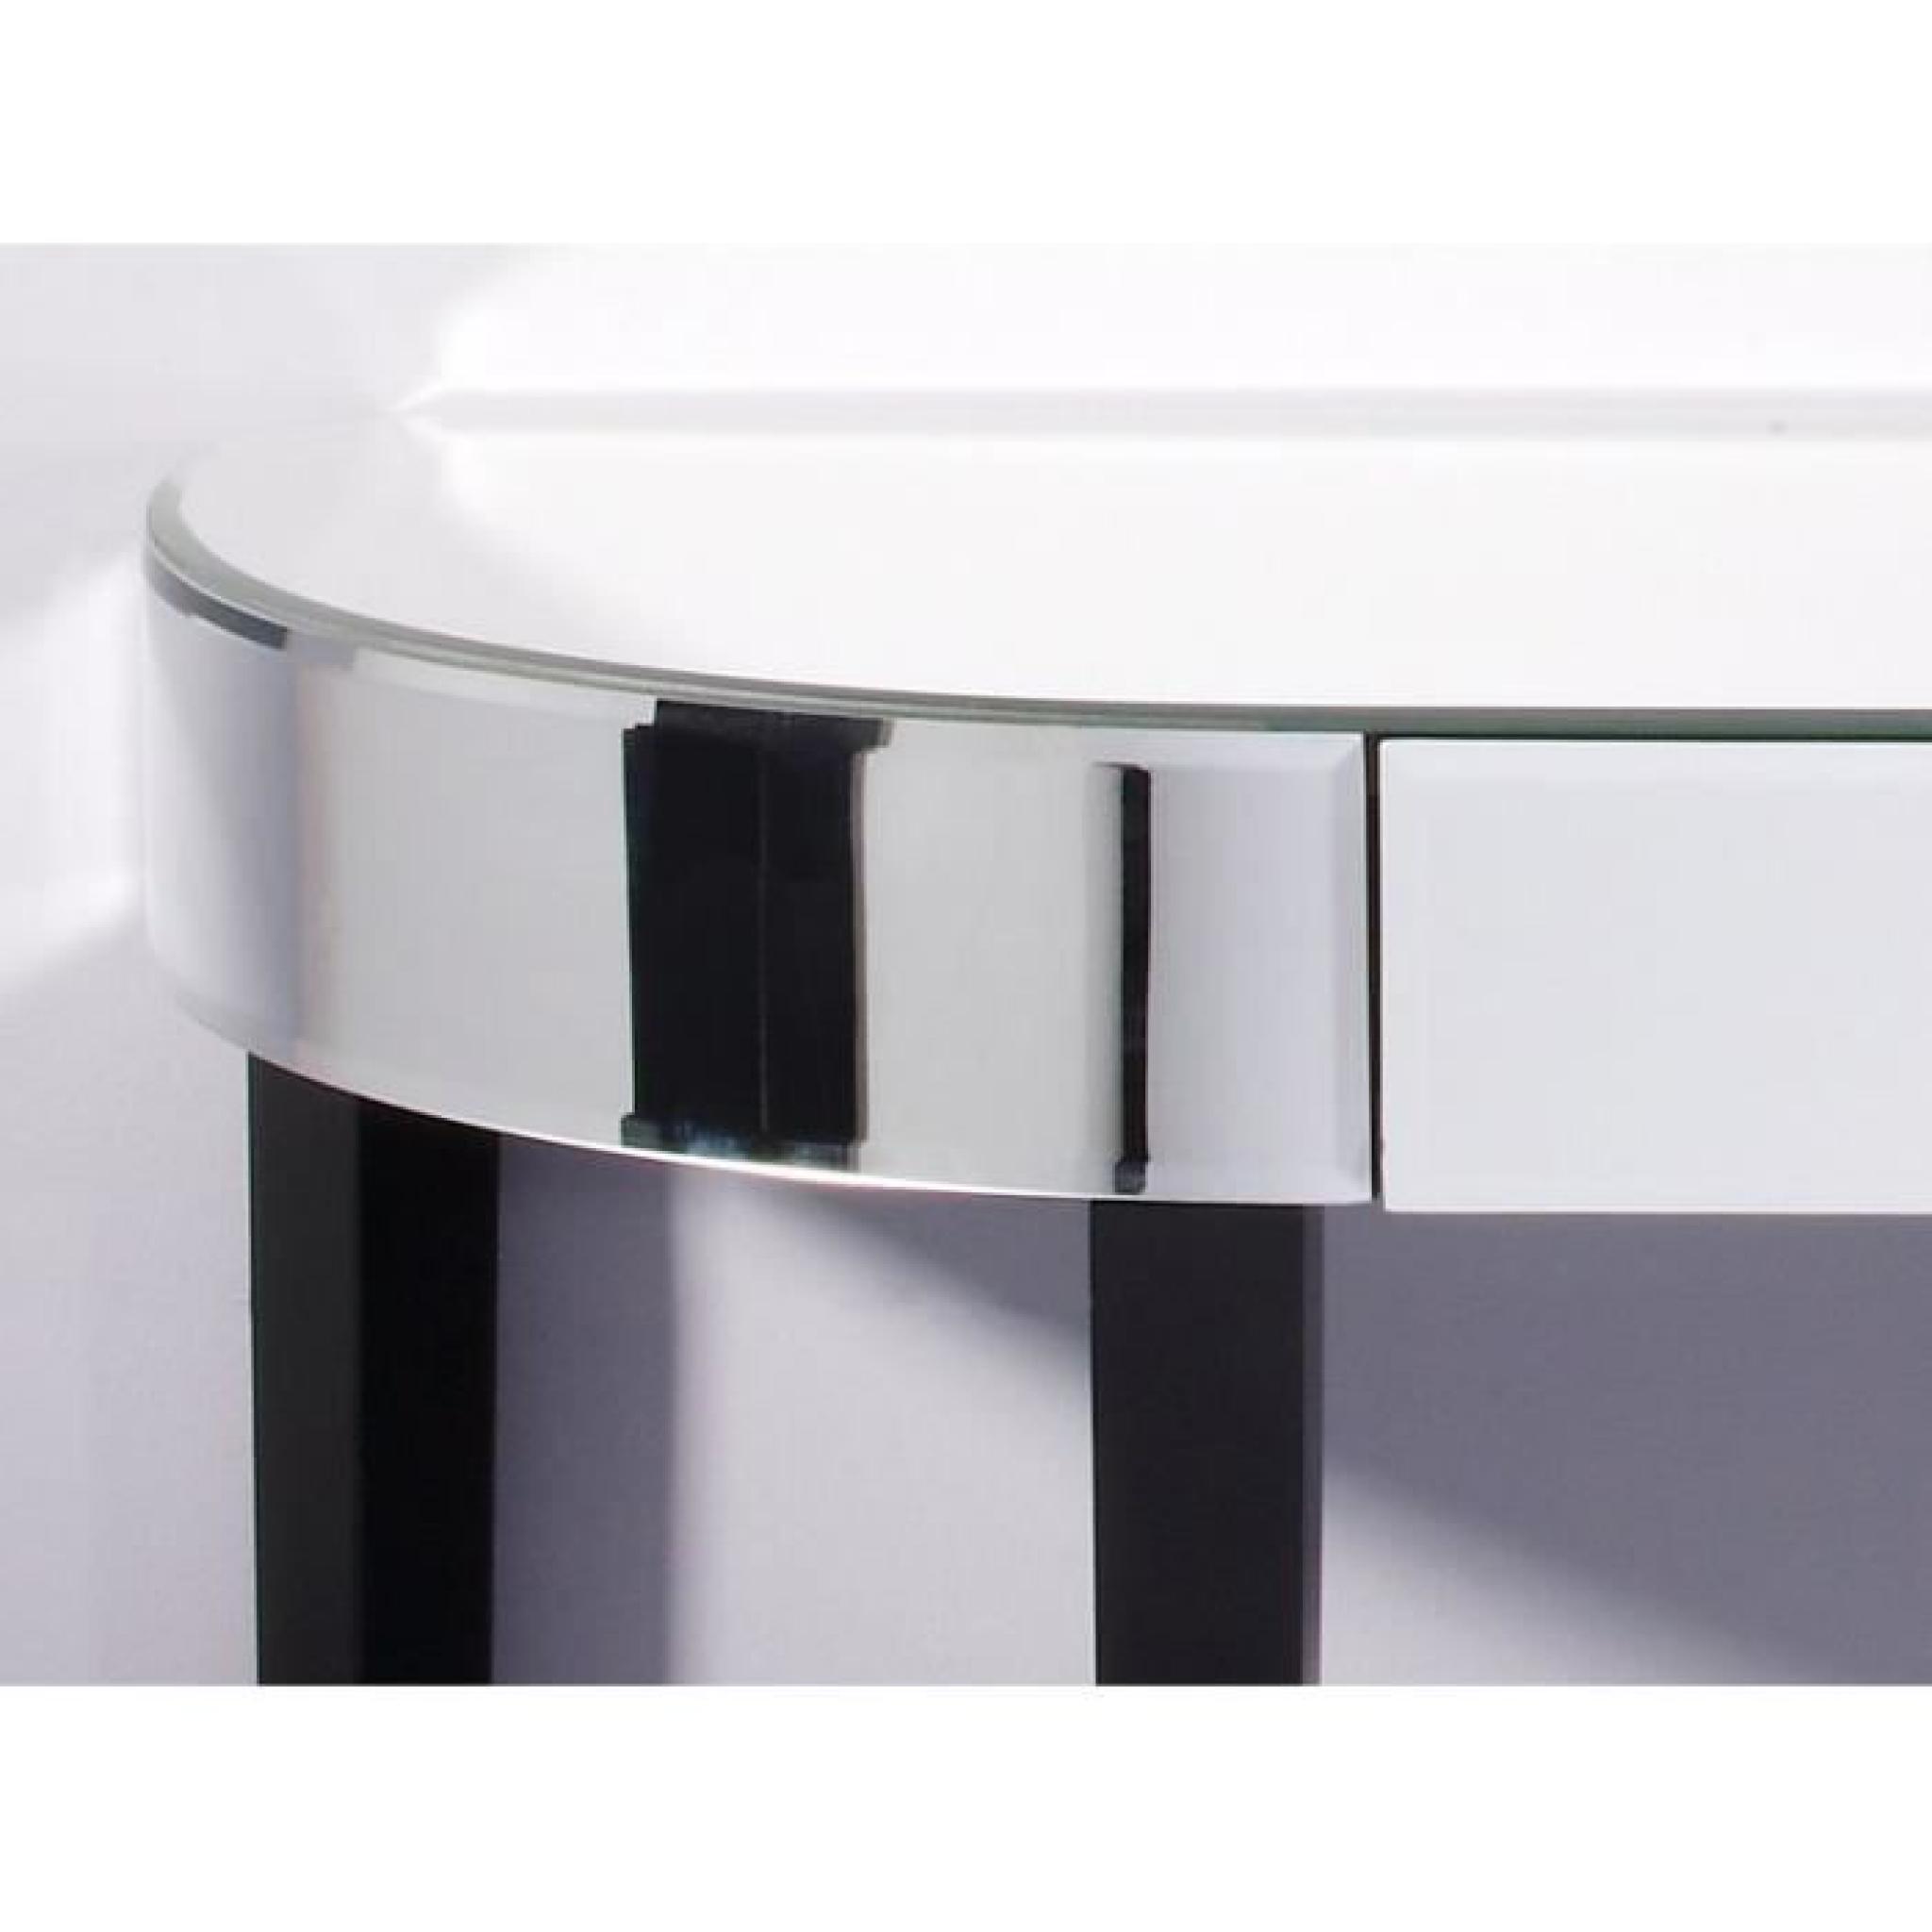 strummer console avec tiroir central enti remen achat vente console meuble pas cher couleur. Black Bedroom Furniture Sets. Home Design Ideas